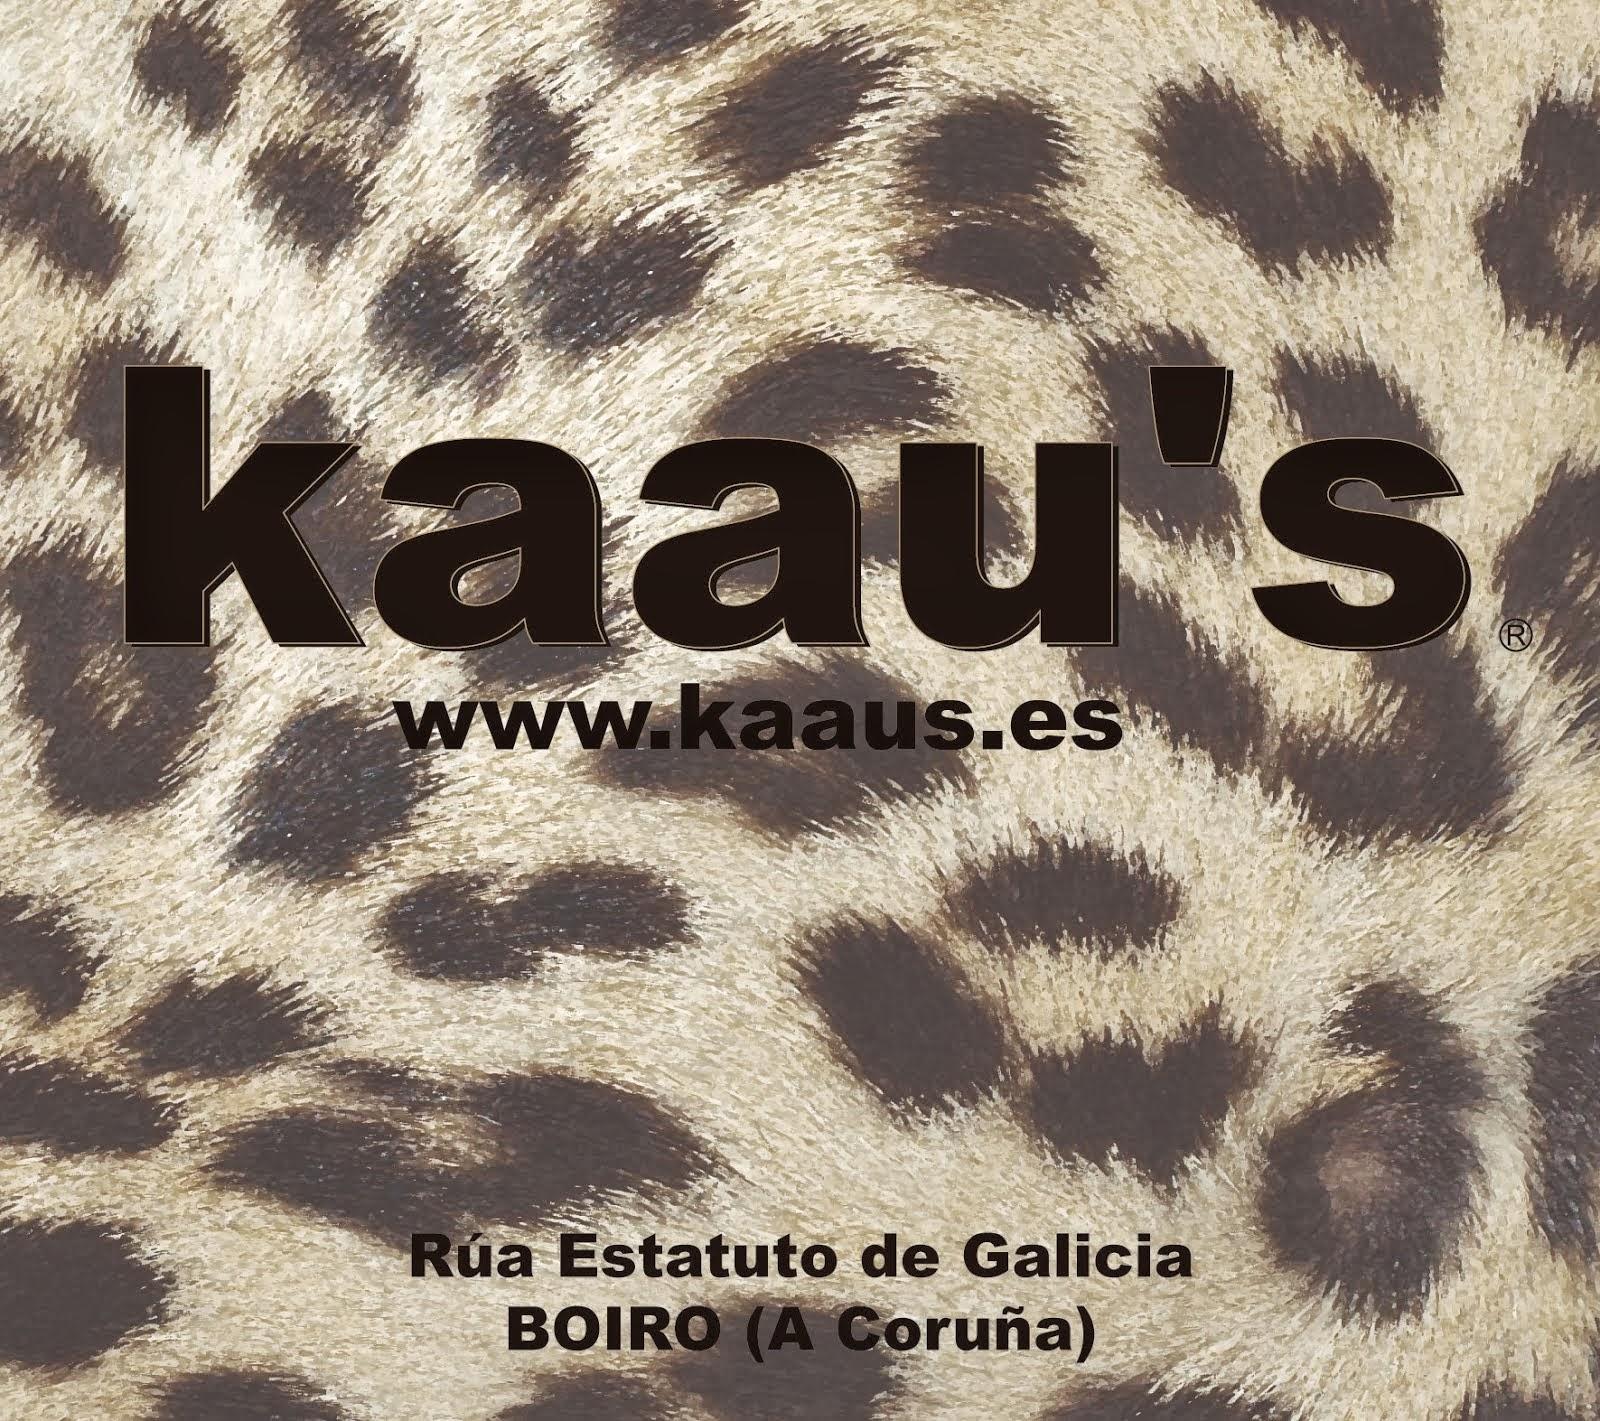 Kaau's